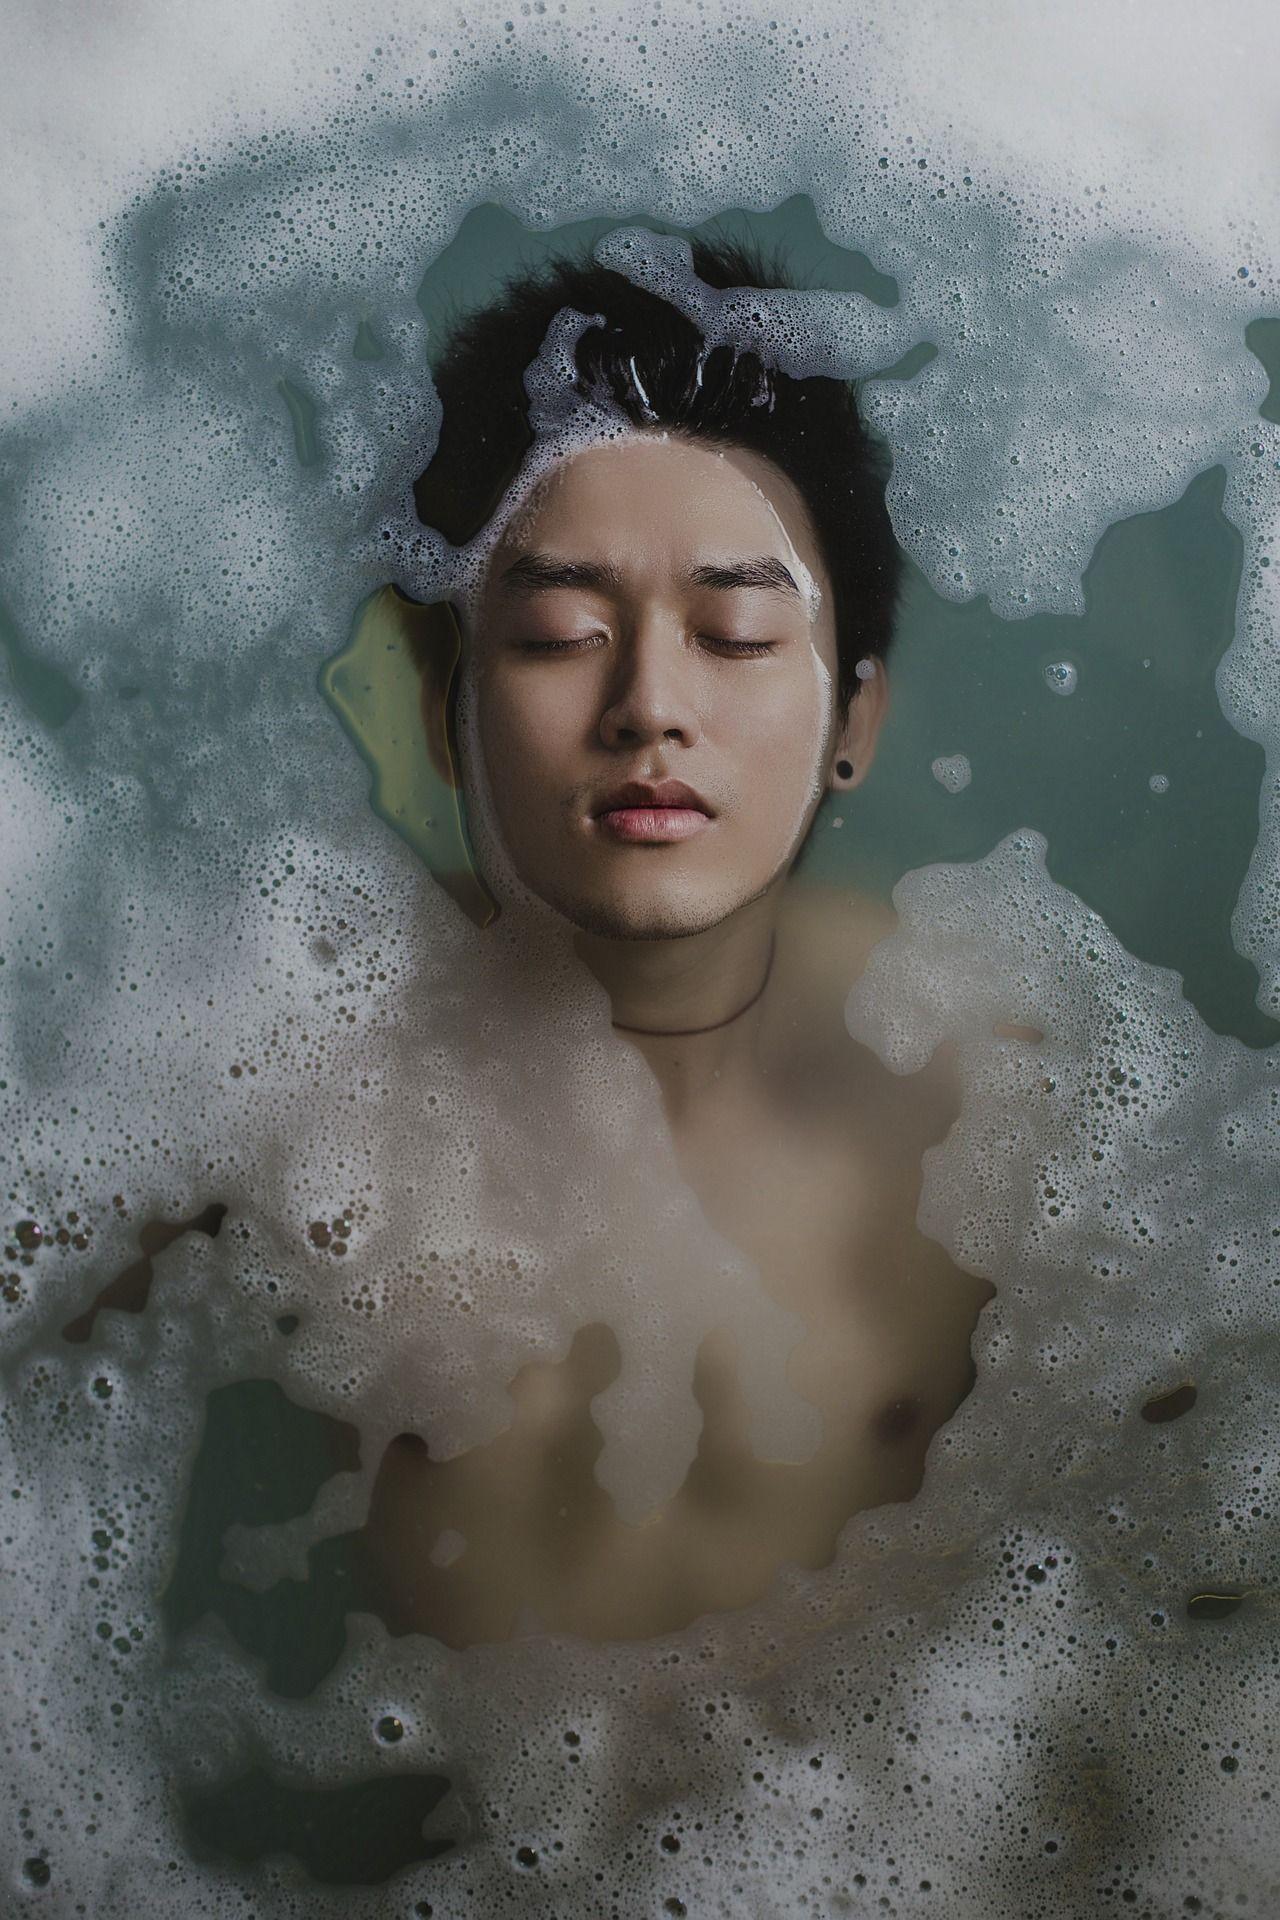 Sabunun zararı ortaya çıktı, duş alırken sabun kullanmayın! Sabunsuz temizlenmek mümkün mü? - Sayfa 2